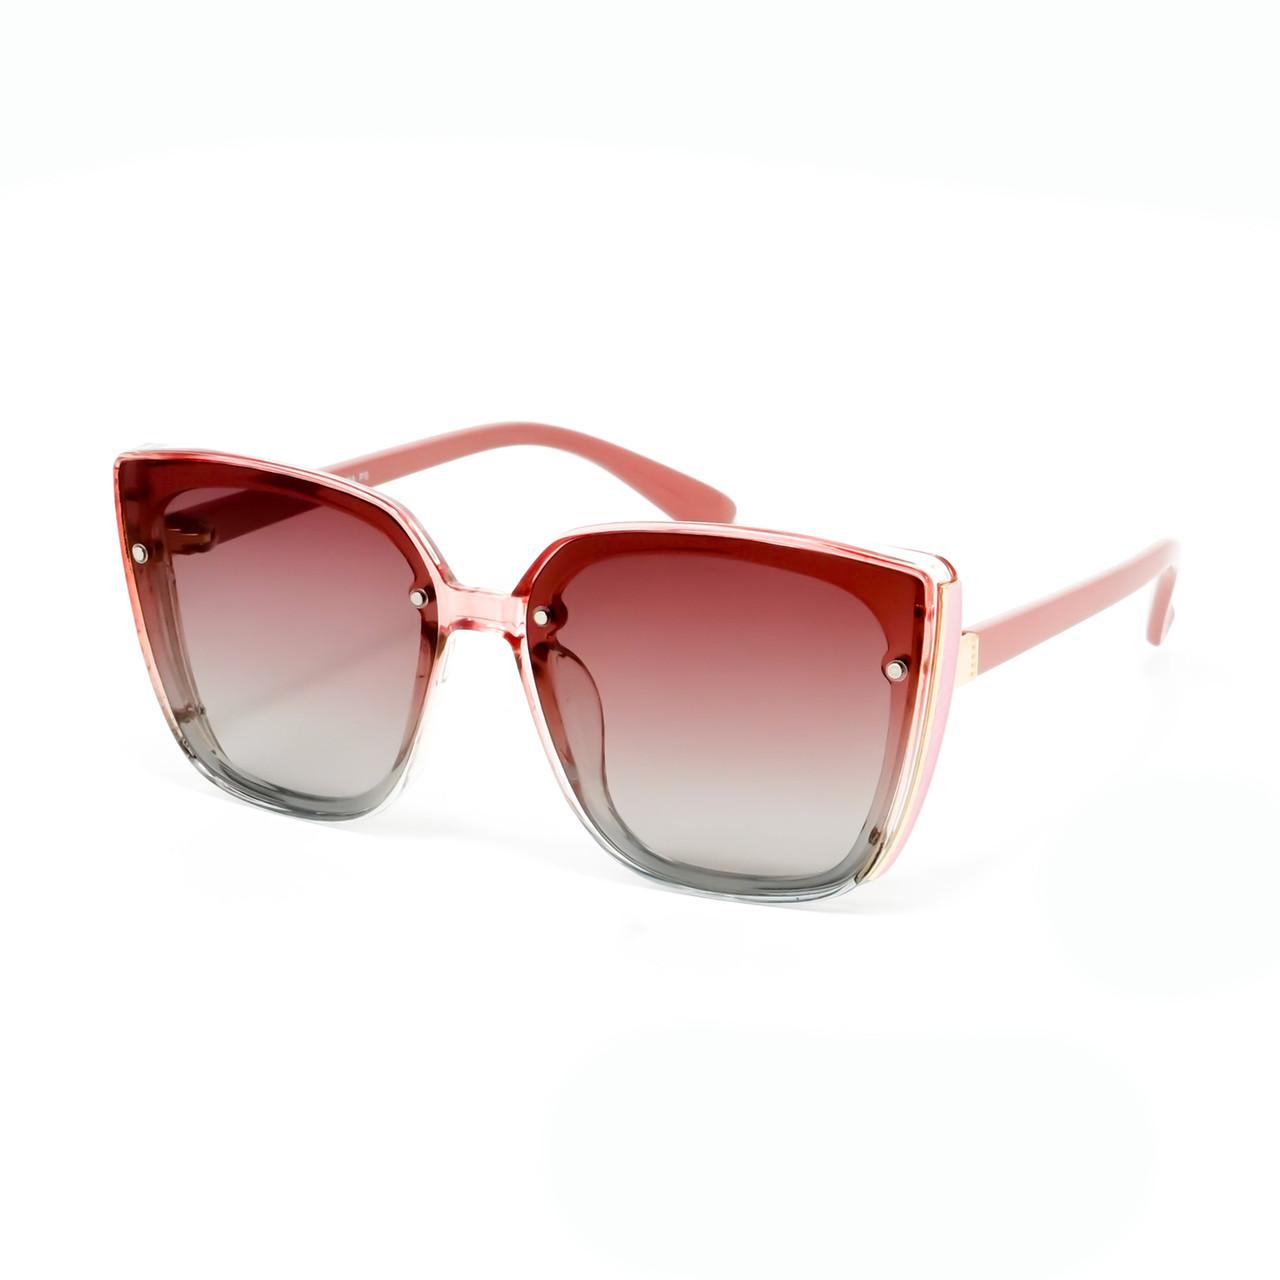 Солнцезащитные очки Marmilen Polar P8304 P6 розовые  с градиентом  ( P8304-06 )